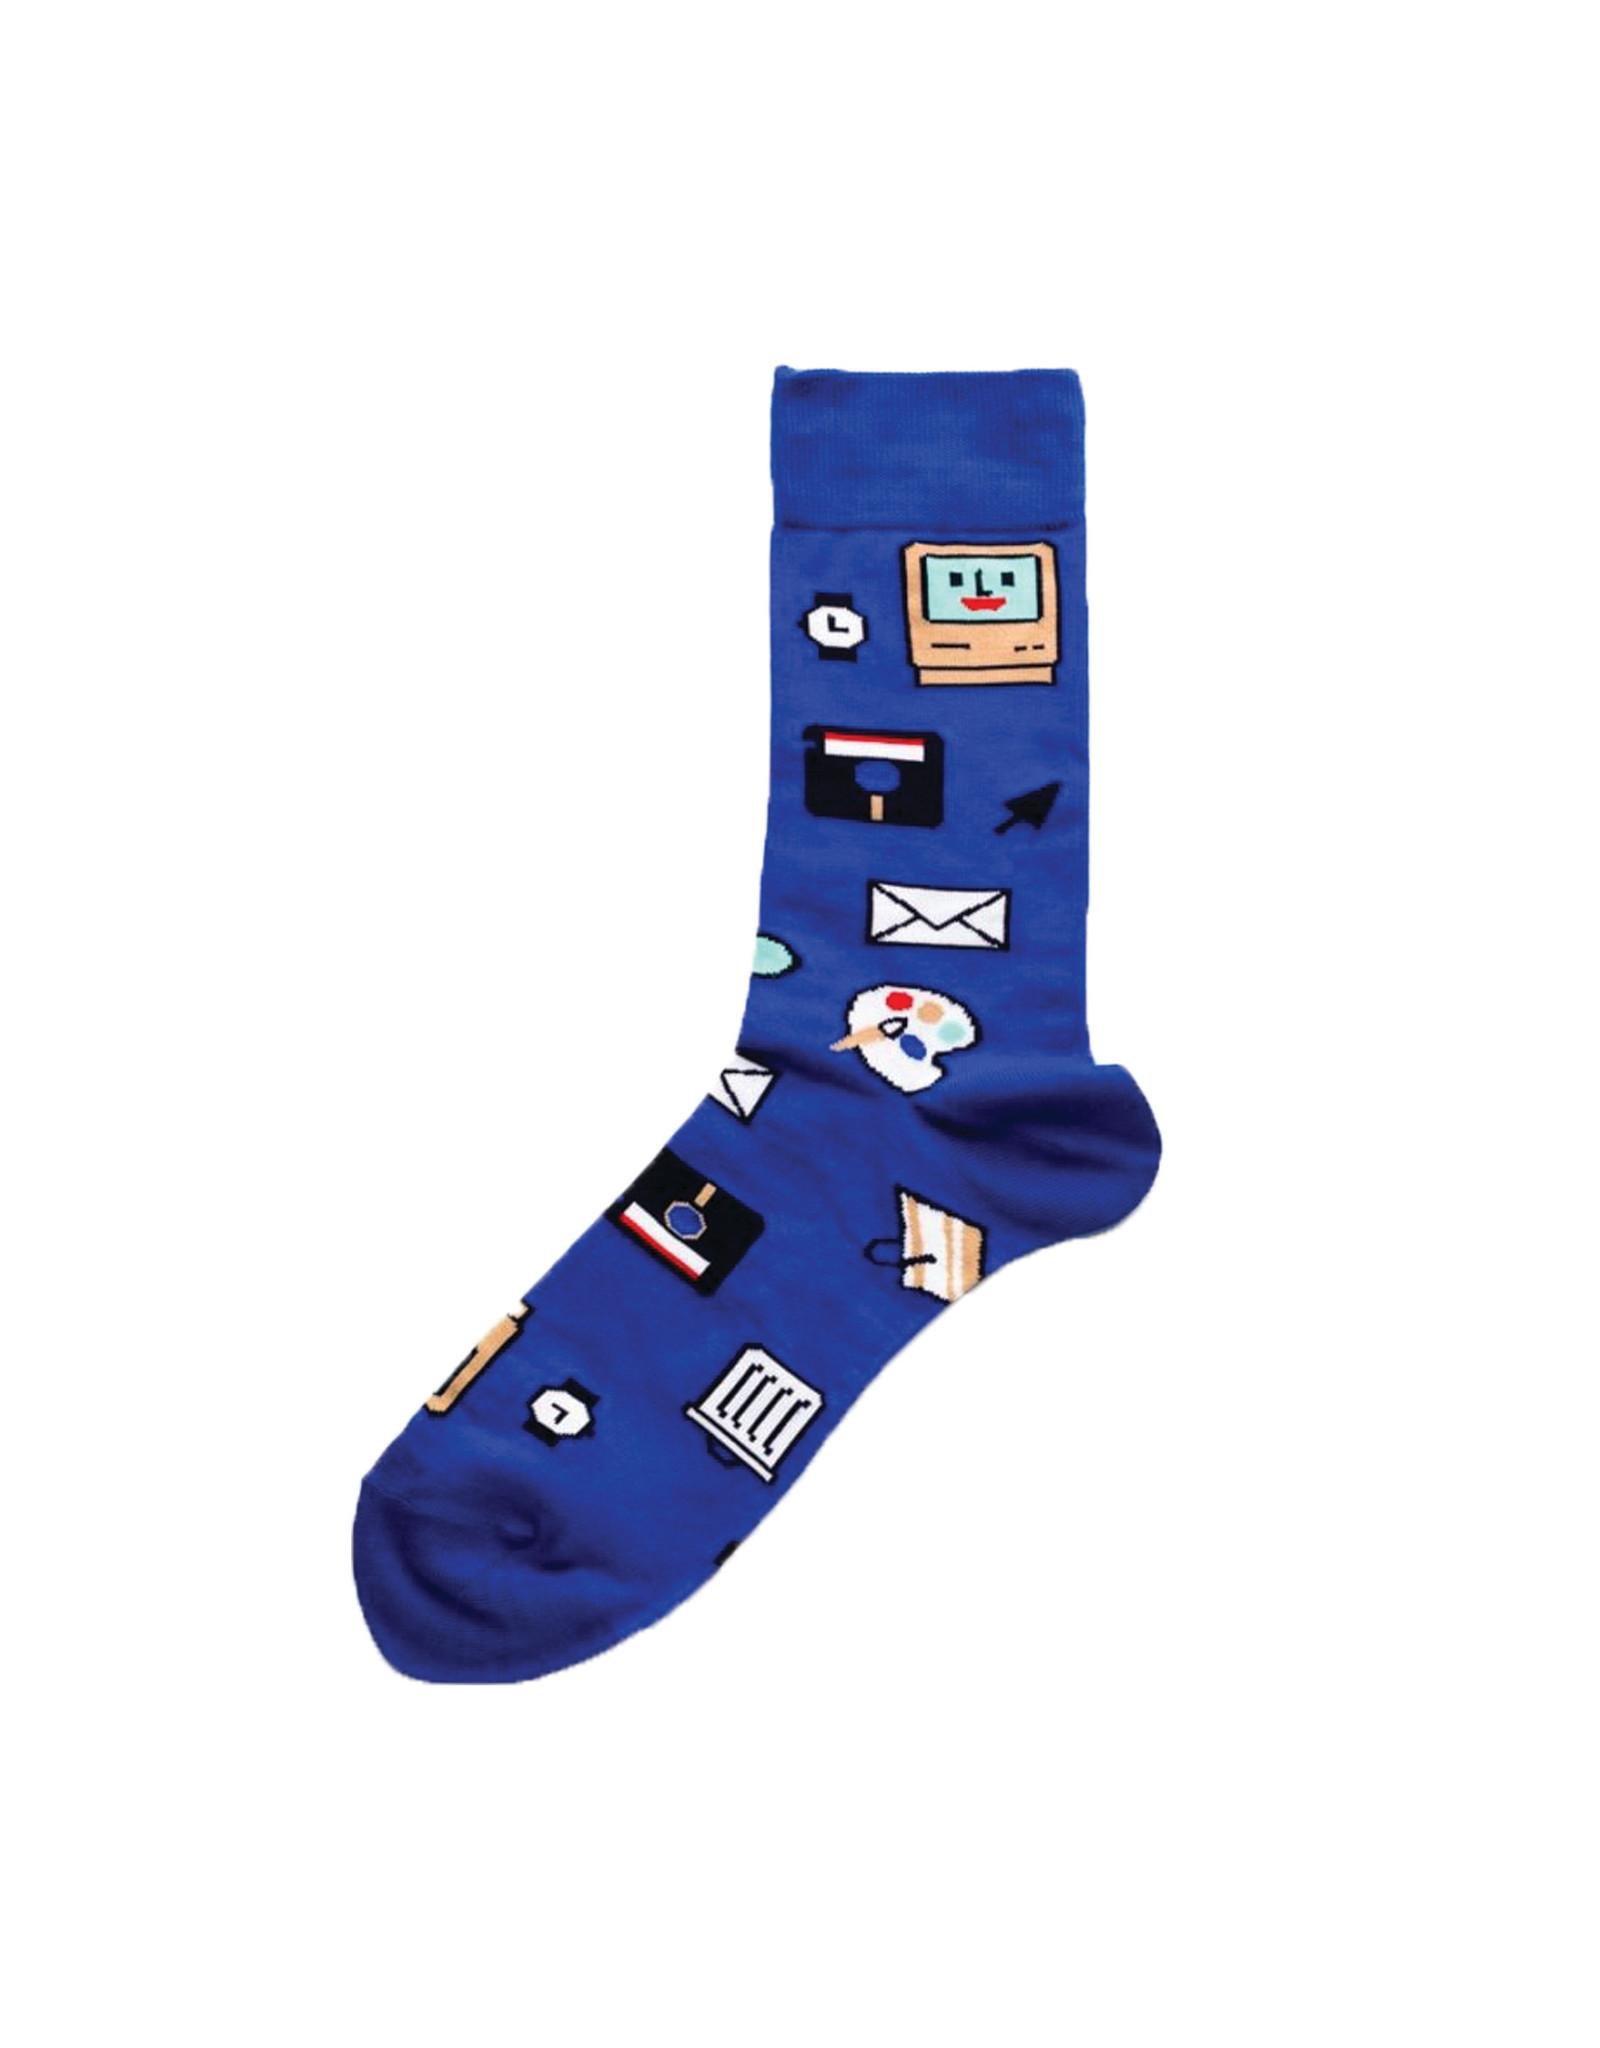 Yellow Owl Blue Computer Socks, M-L